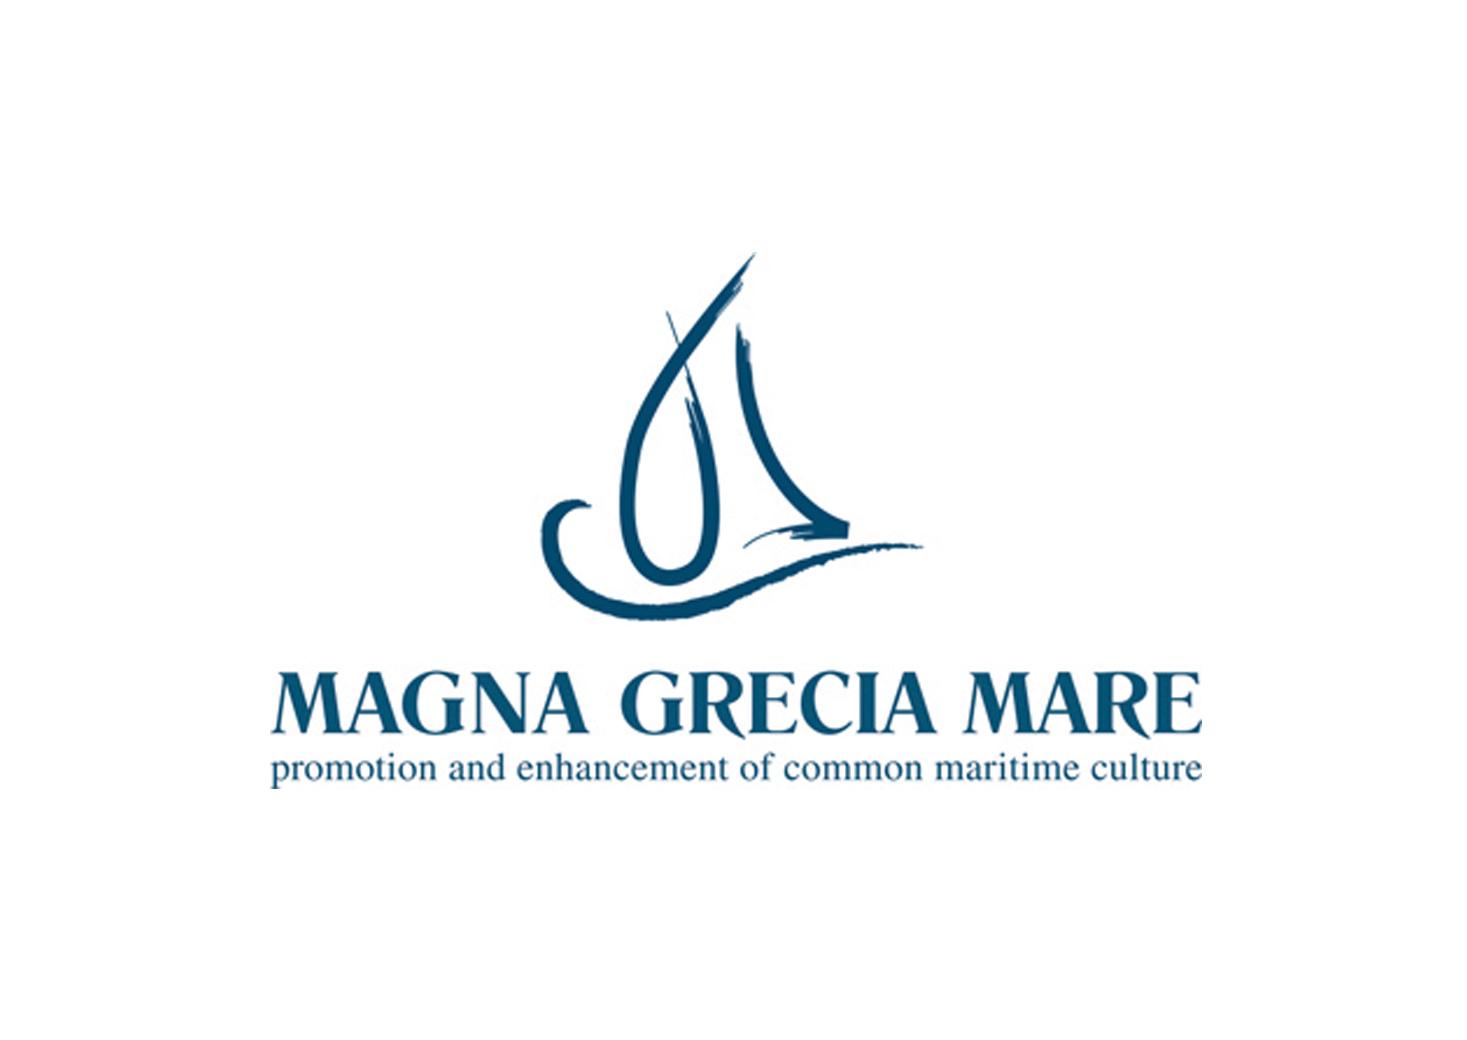 Magna Grecia Mare